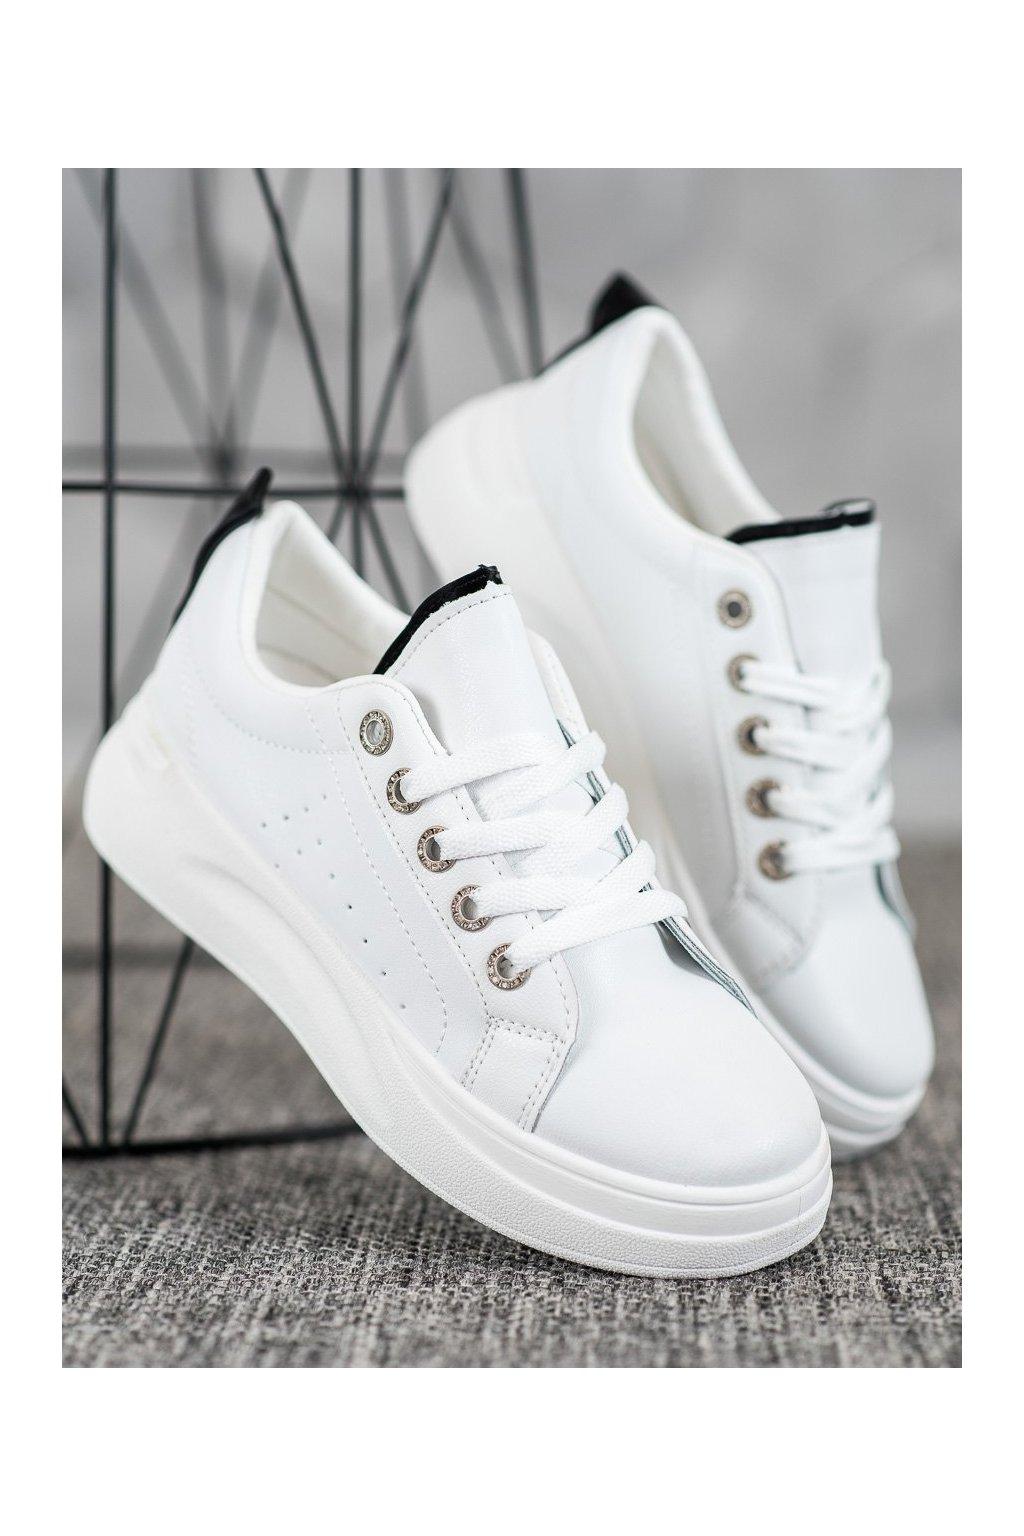 Biele tenisky Shelovet NJSK LLQ203W/B